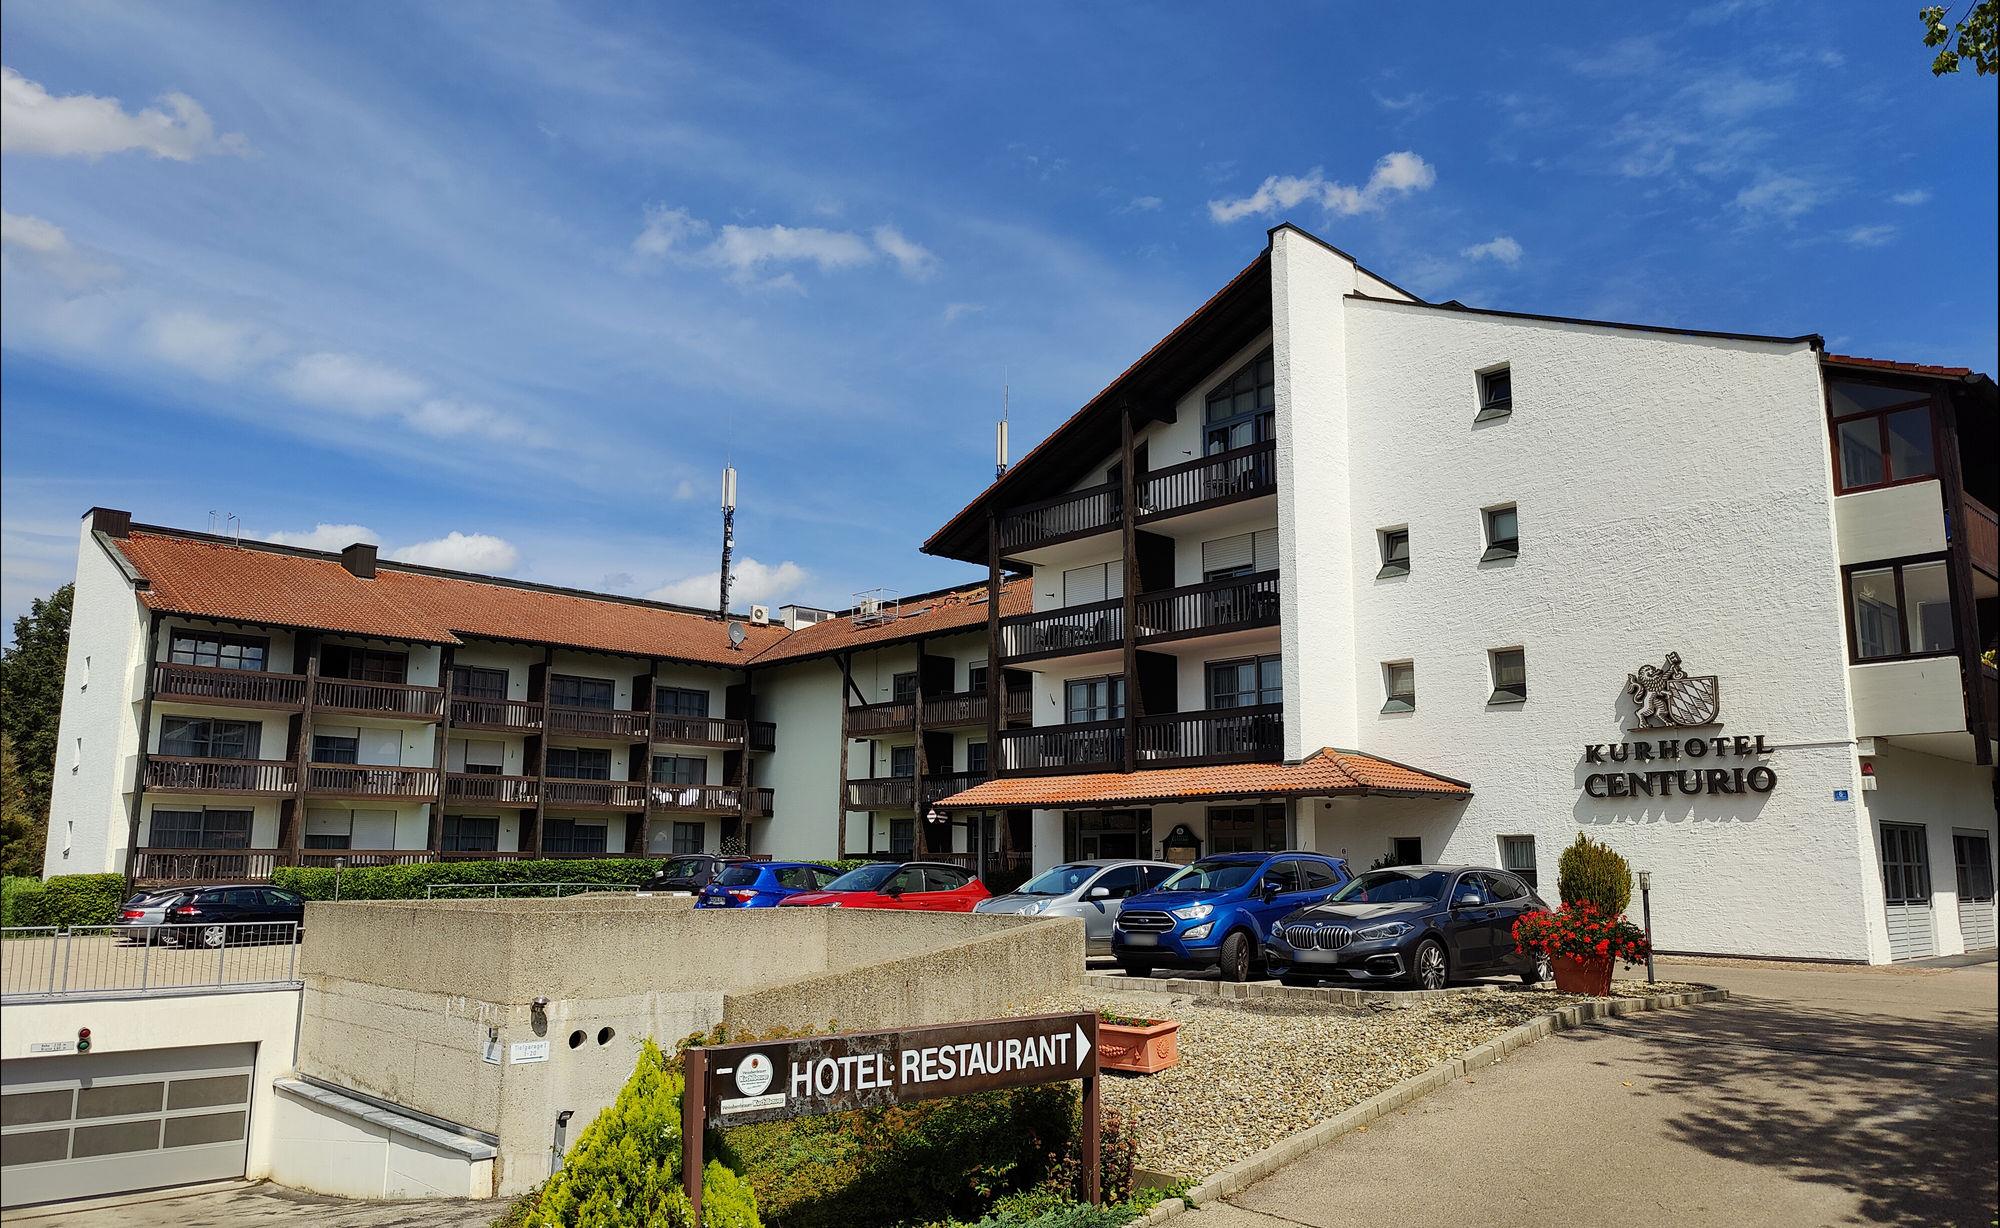 Hotelappartements im Centurio Rückseite